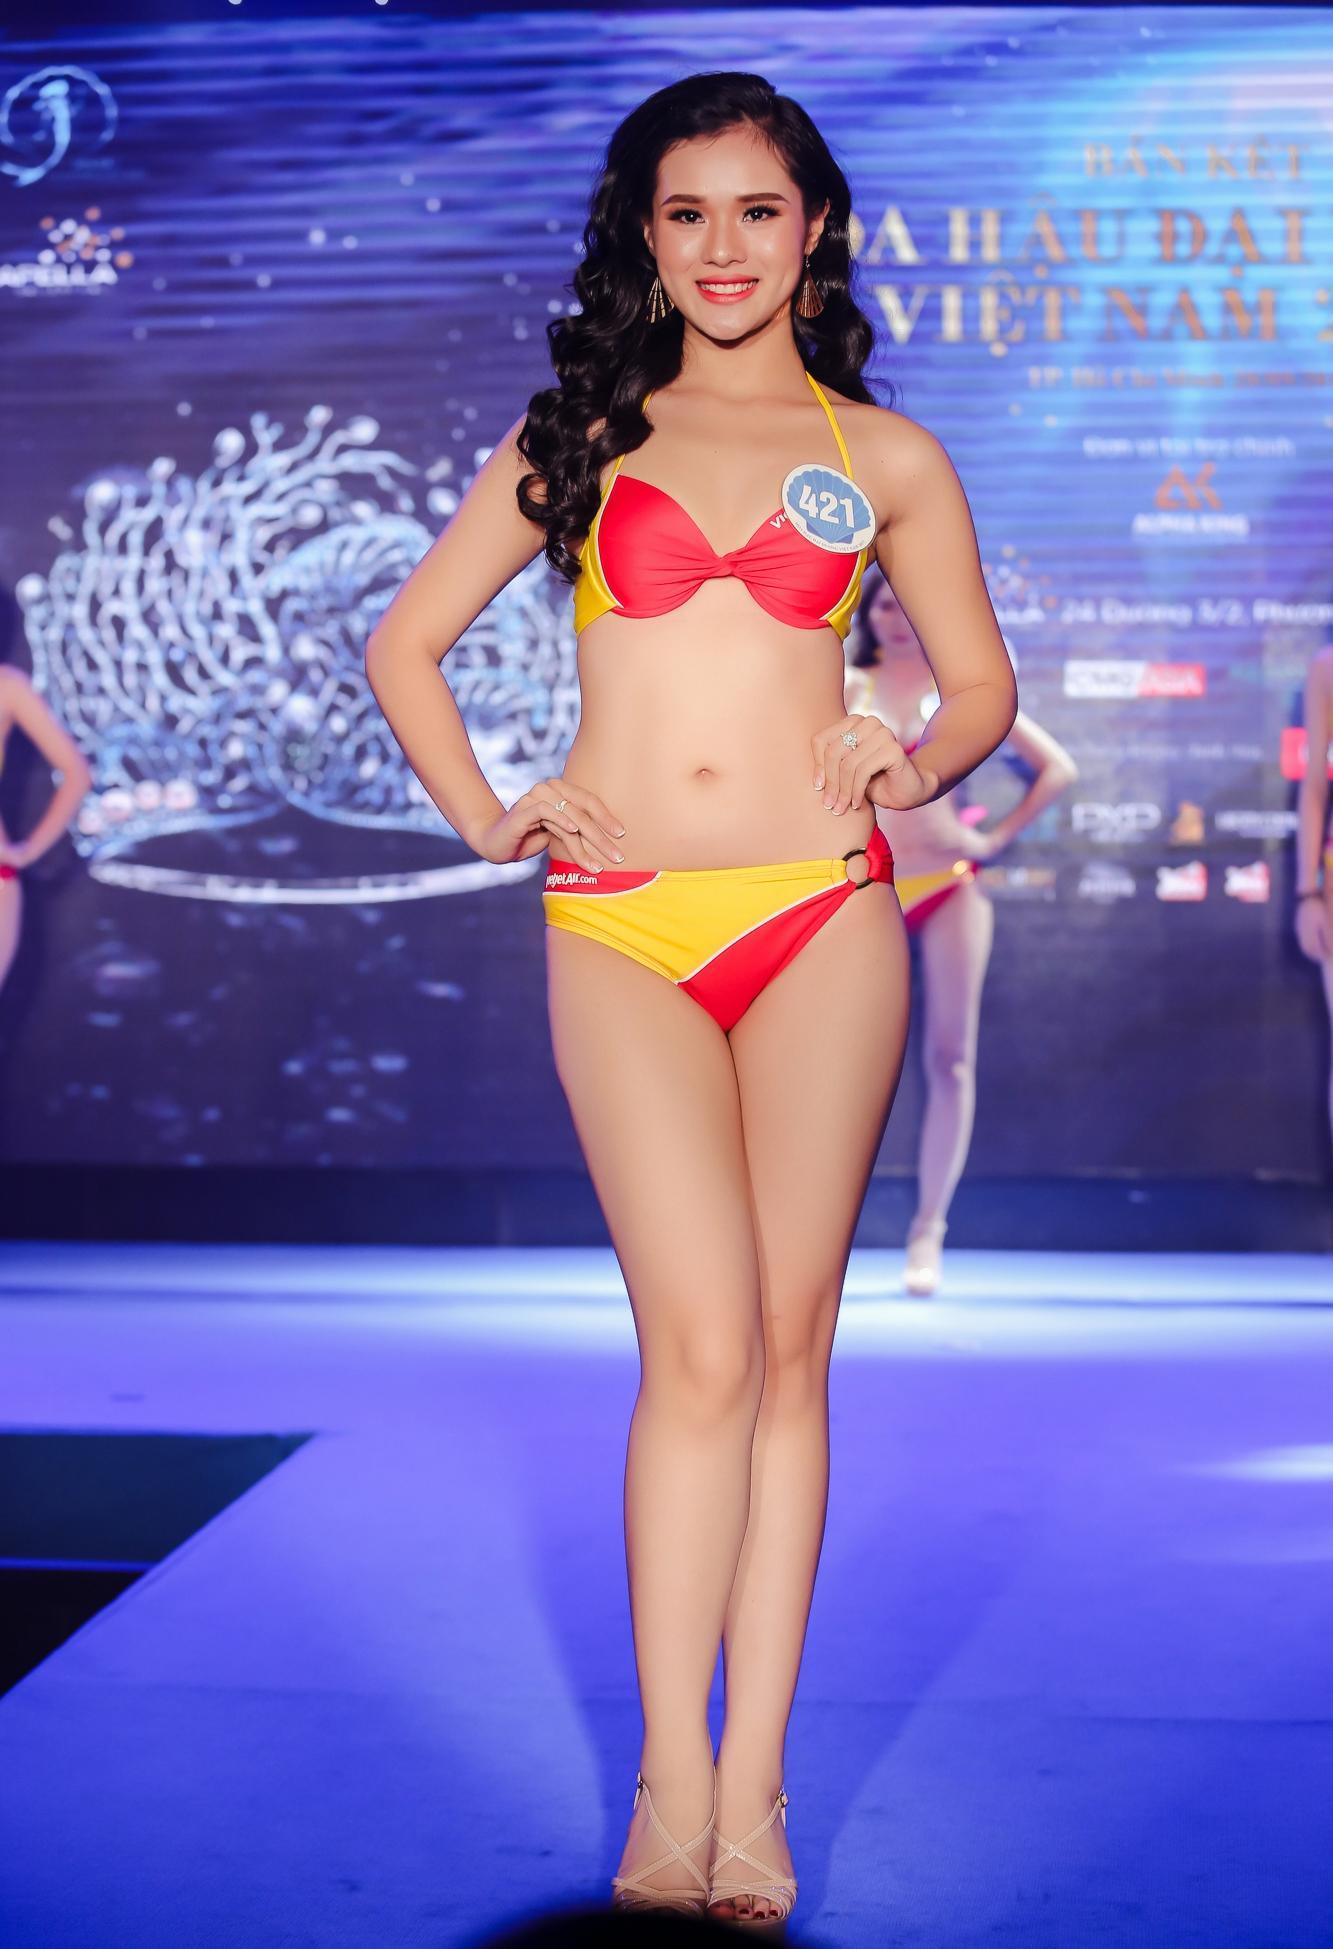 Vừa rời Hoa hậu Hoàn vũ, cô gái mê tiền tự tin khoe hình thể tại Hoa hậu Đại Dương 2017-2